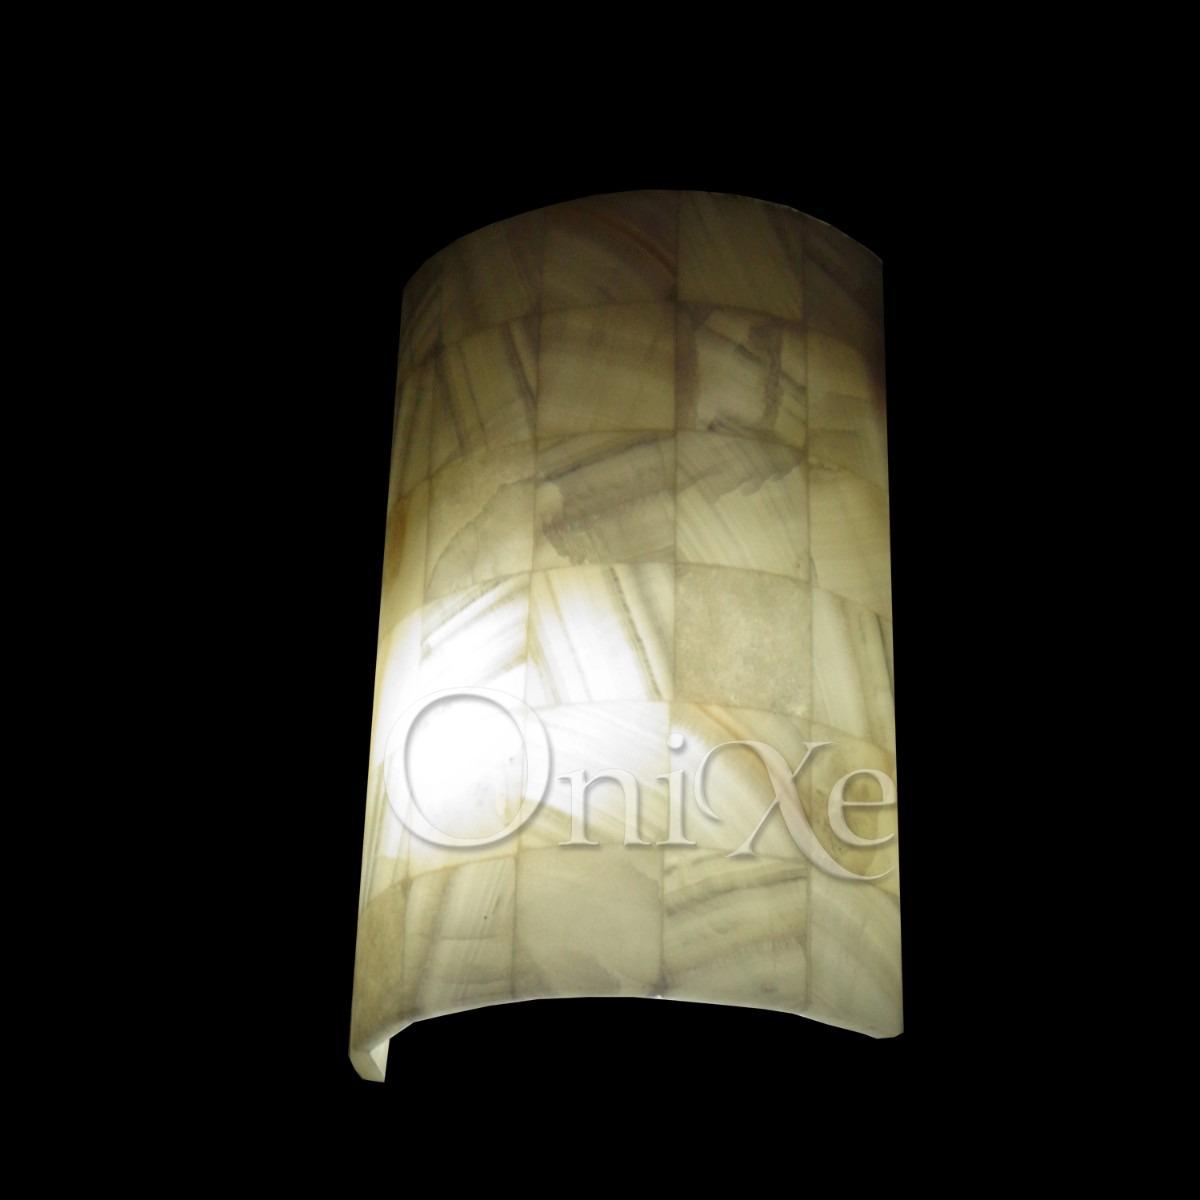 Lamparas De Onix De Pared   65000 en Mercado Libre